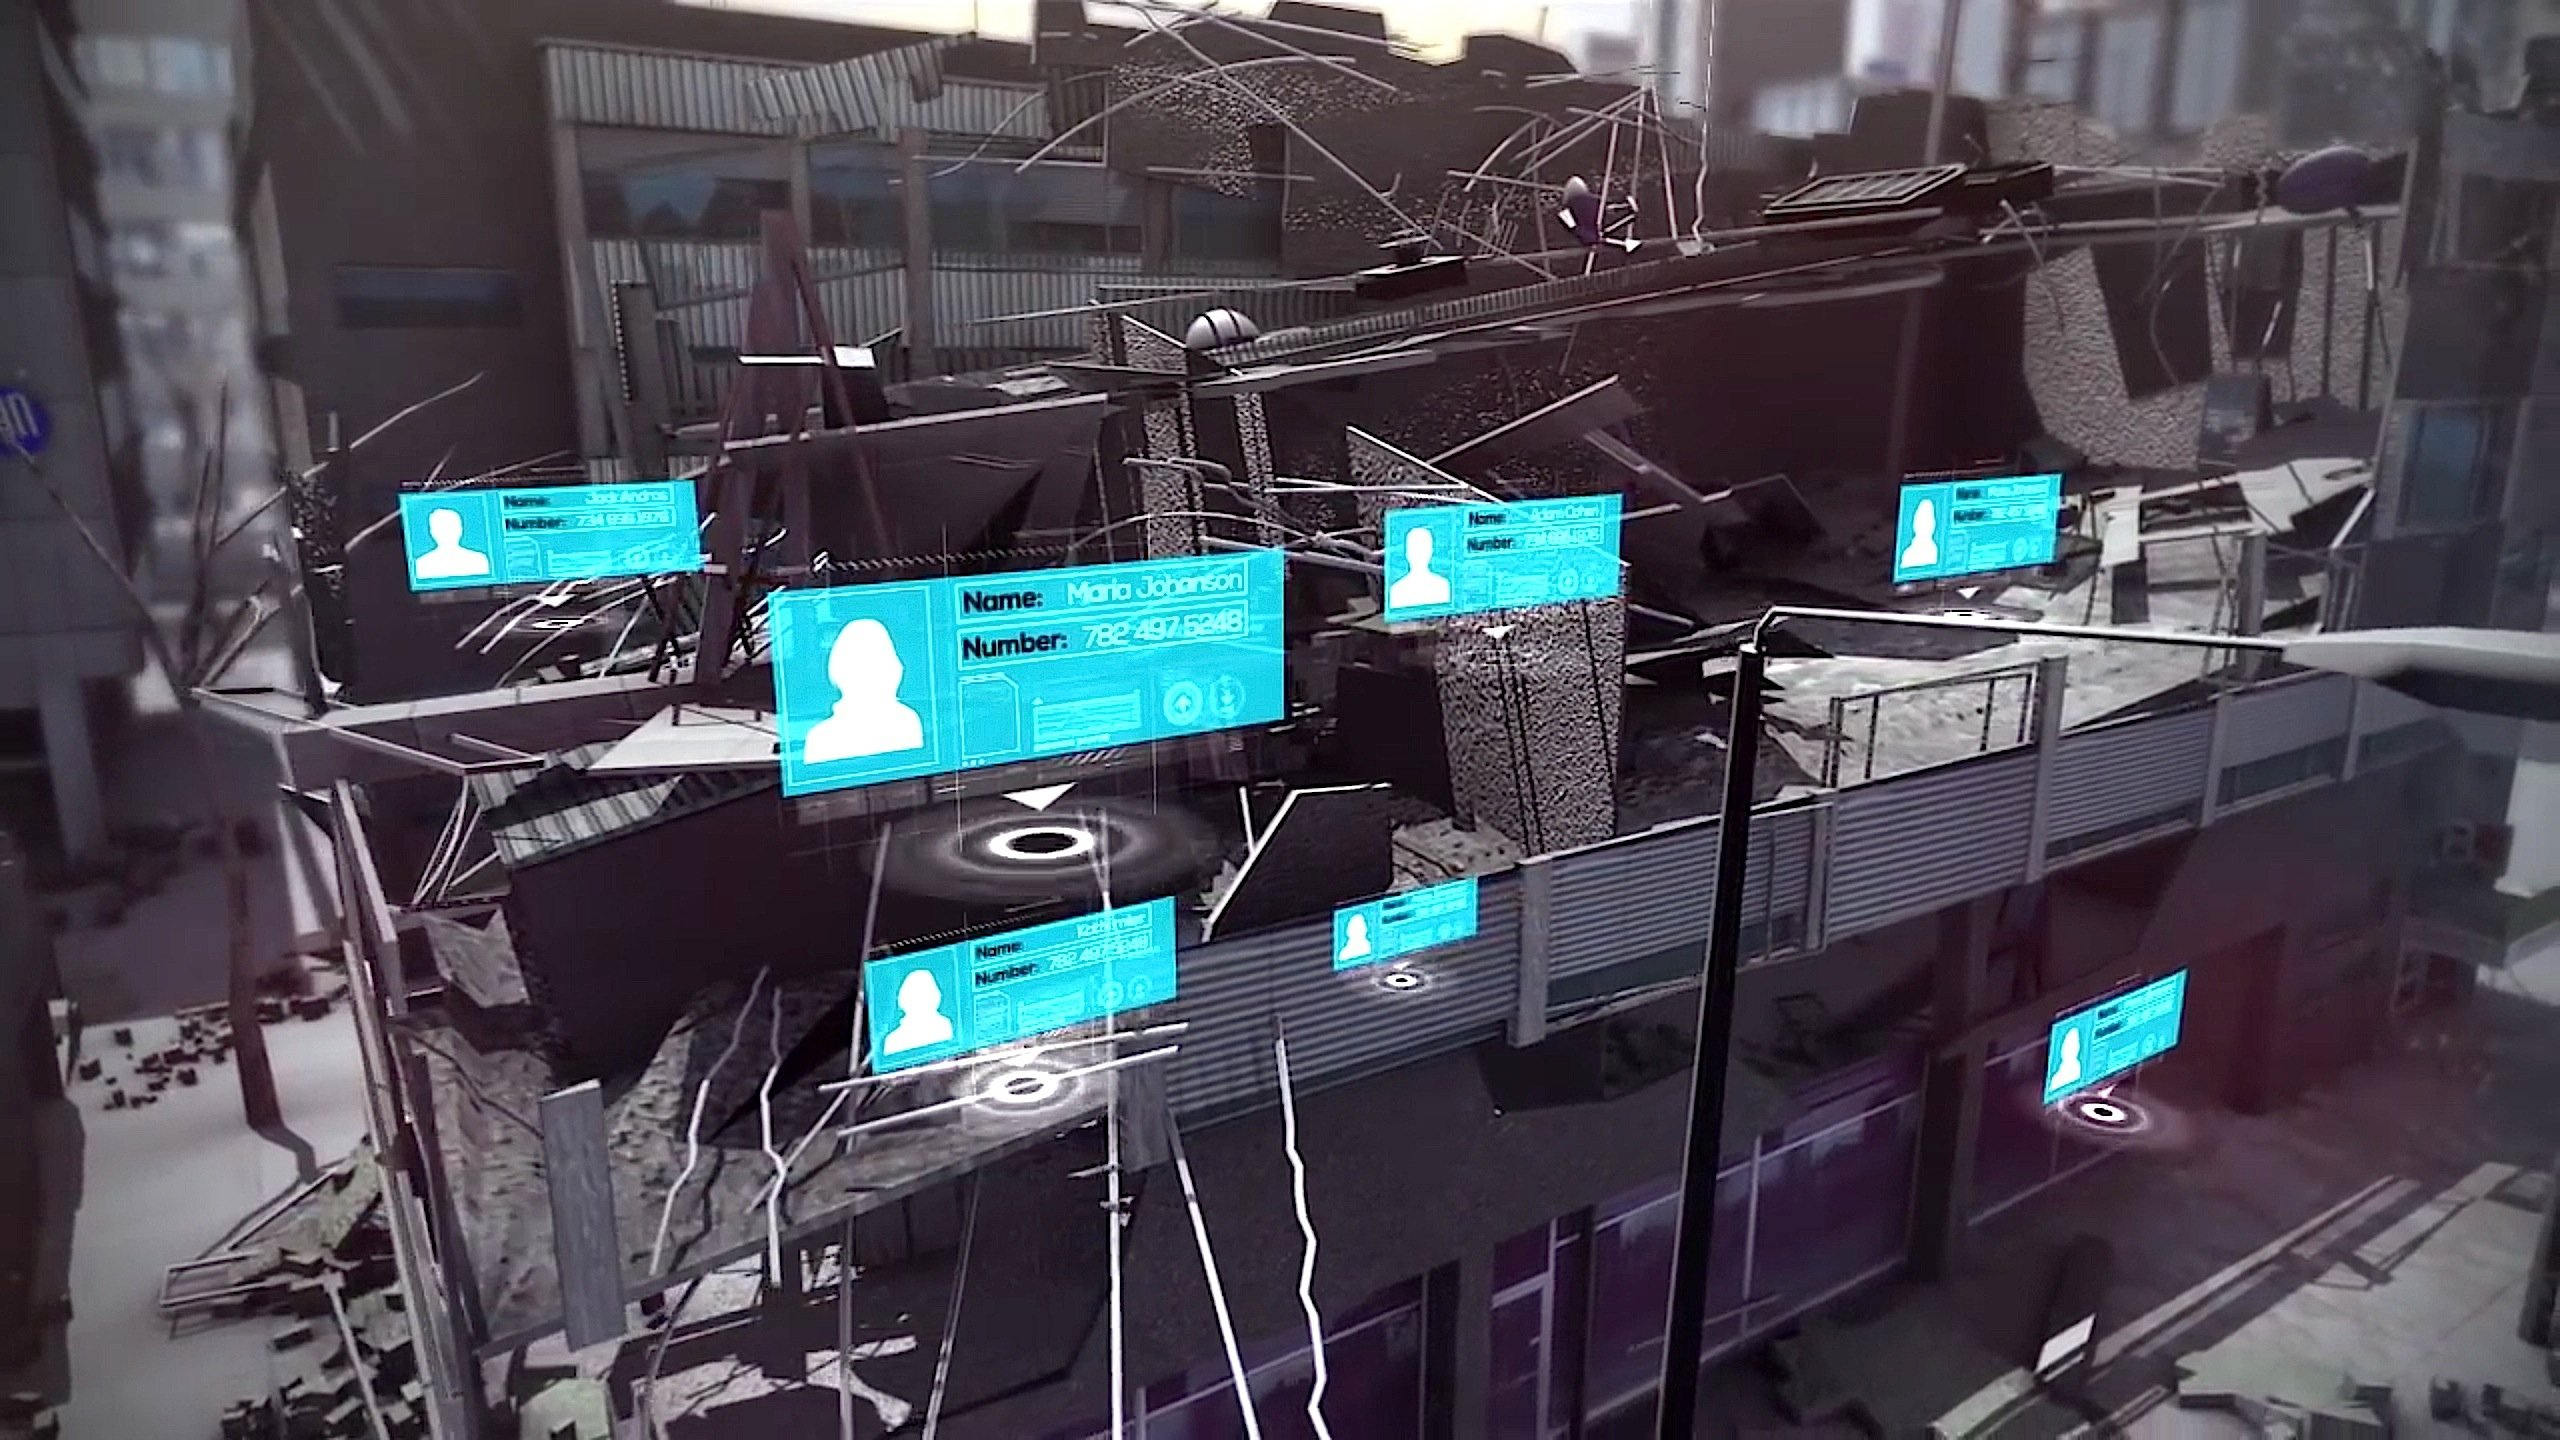 Das OrtungssystemRes-Q-Cell kann Smartphones bis auf einen Meter genau lokalisieren und feststellen, wer der Besitzer ist. So wissen die Rettungskräfte, um welche Opfer es sich handelt.